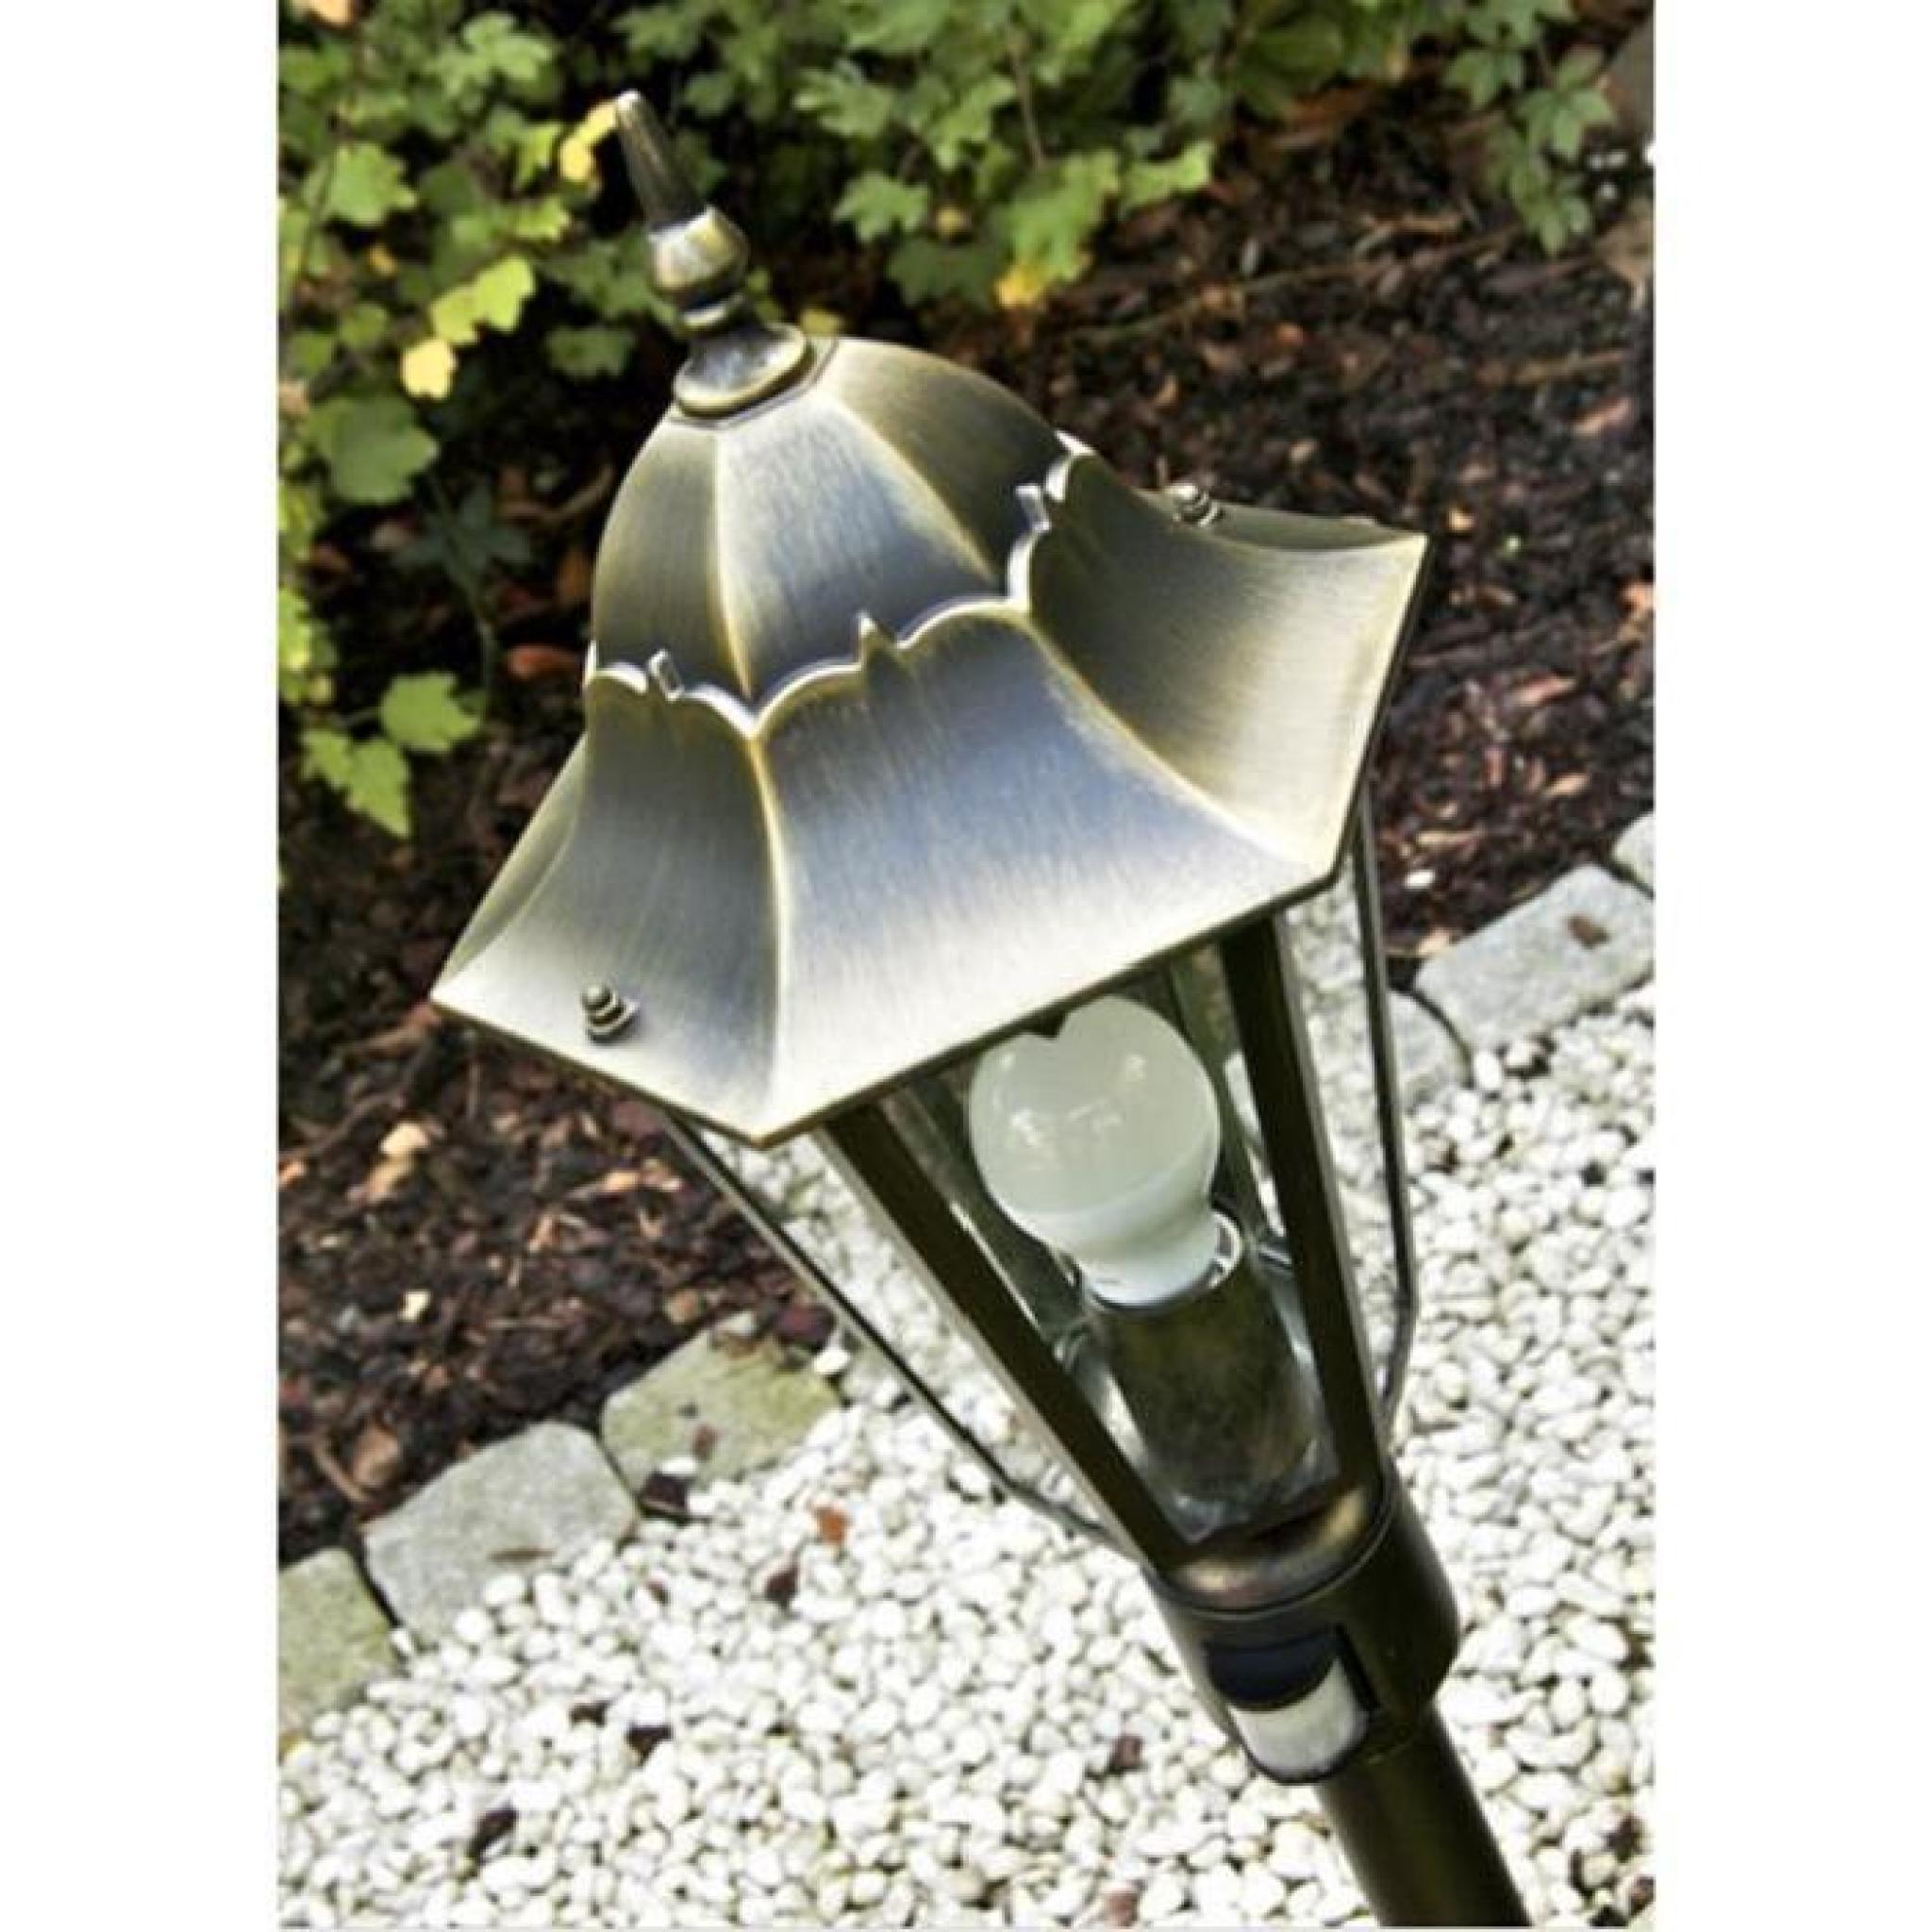 Lampadaire Extérieur Lampe Sur Pied Détecteur De Mouvement Lampe De Jardin intérieur Lampadaire De Jardin Sur Pied